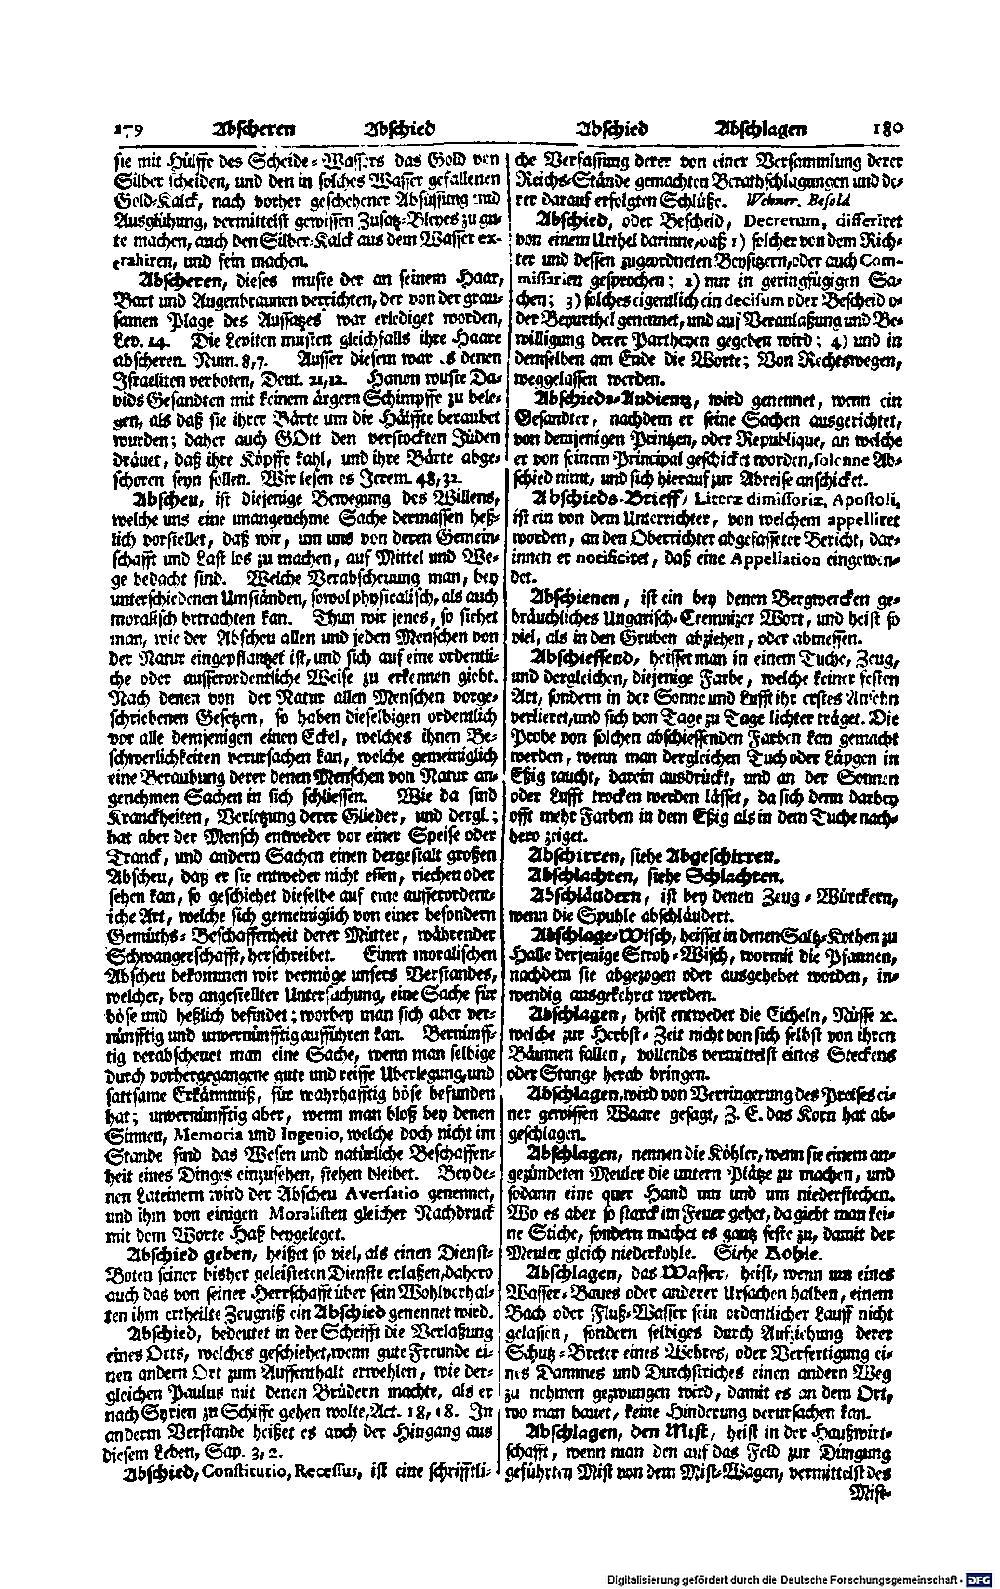 Bd. 01, Seite 0129.